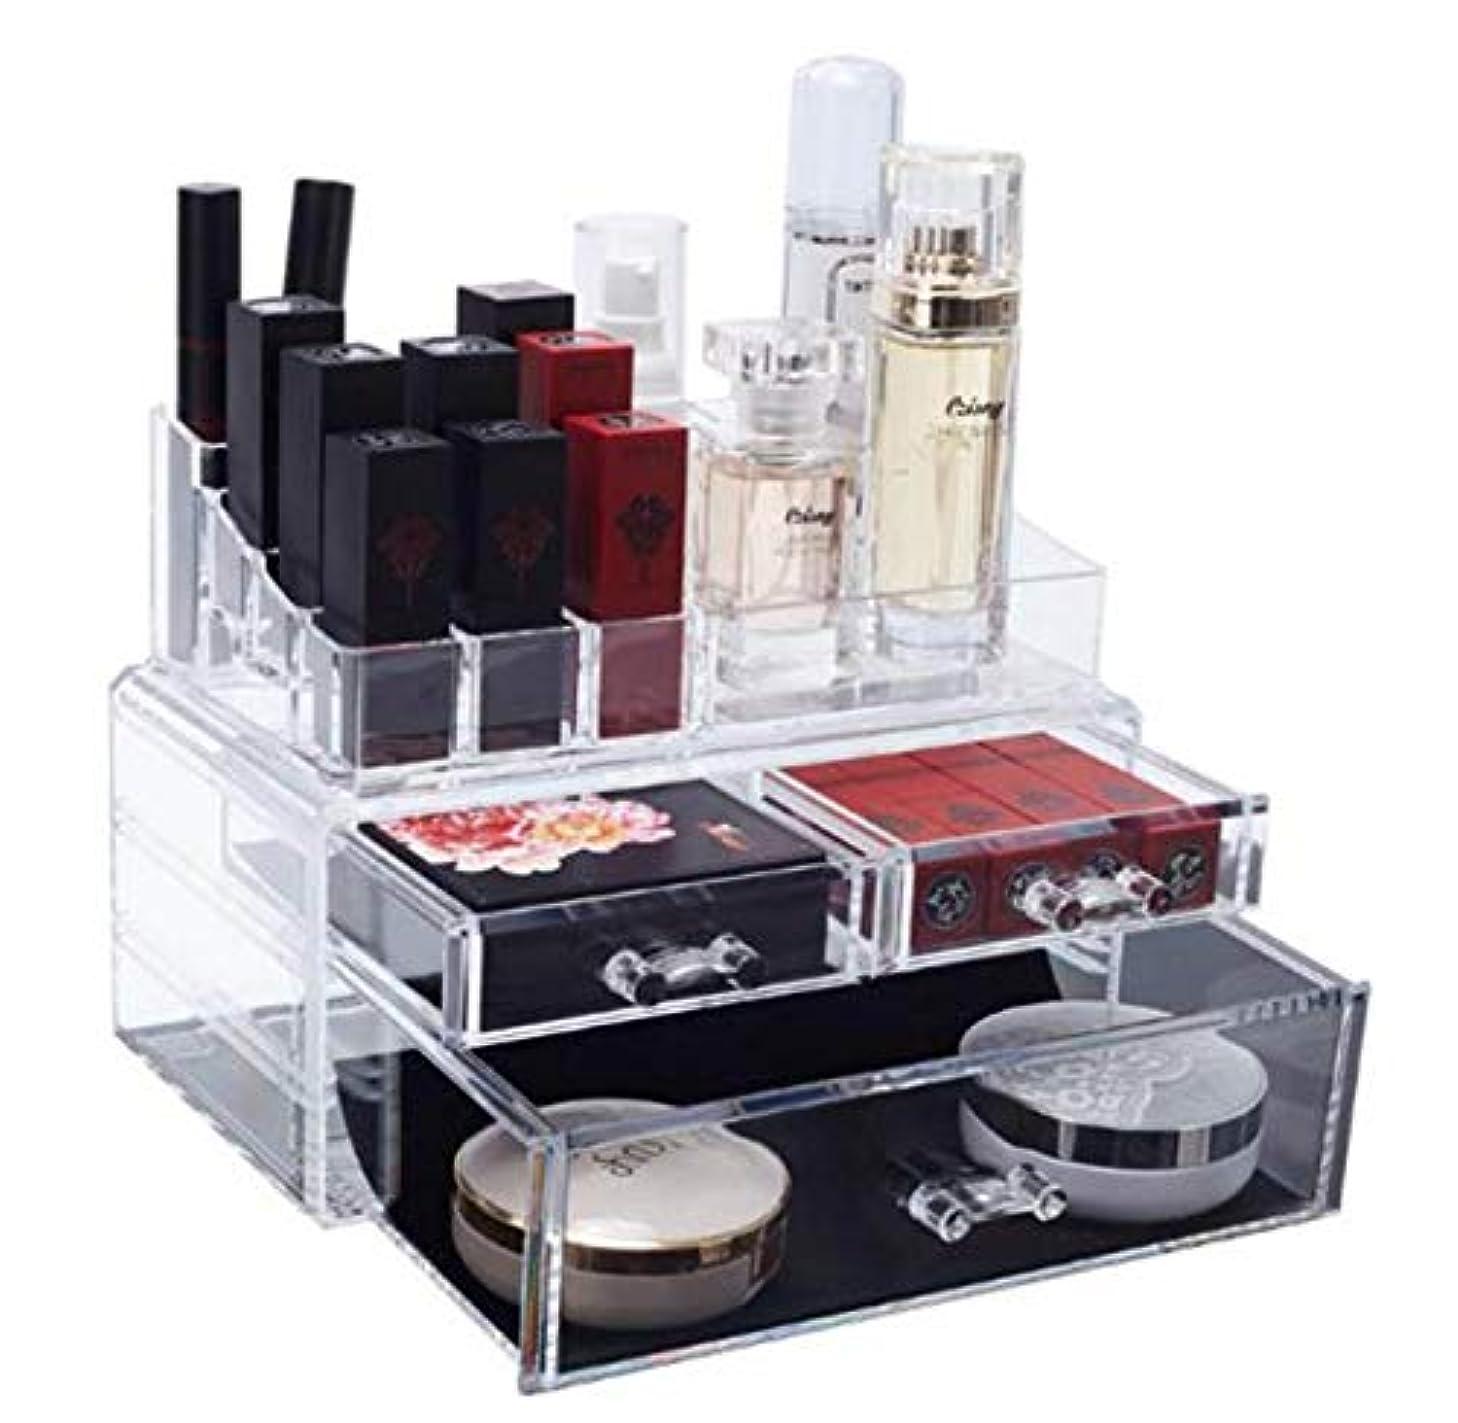 他の日こだわり満員化粧品収納ボックス メイク収納ケース コスメ 収納ボックス 大容量 高透明度 引き出し アクセサリー/化粧品入れ 耐久